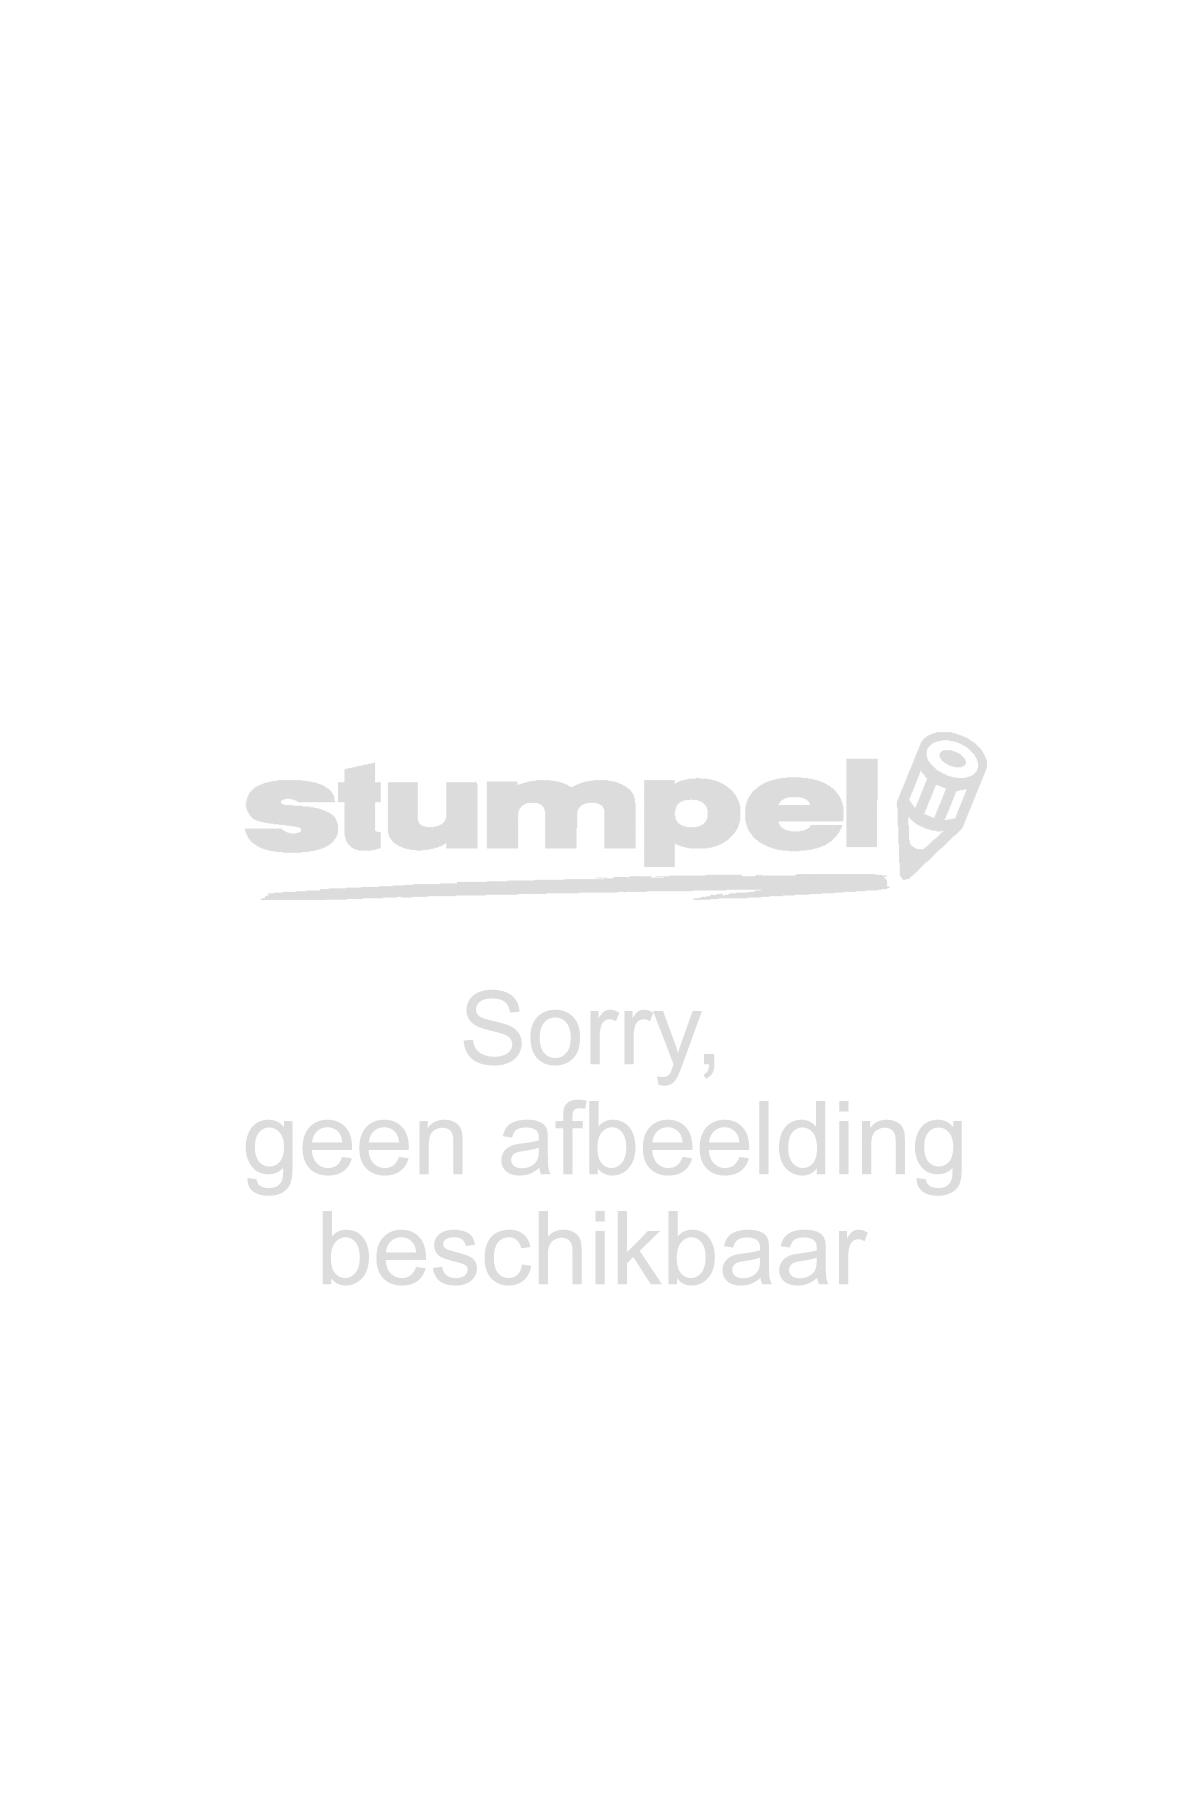 BEERLANDT*SLEUTEL TOT ZELF-BEVRIJDING 15e druk